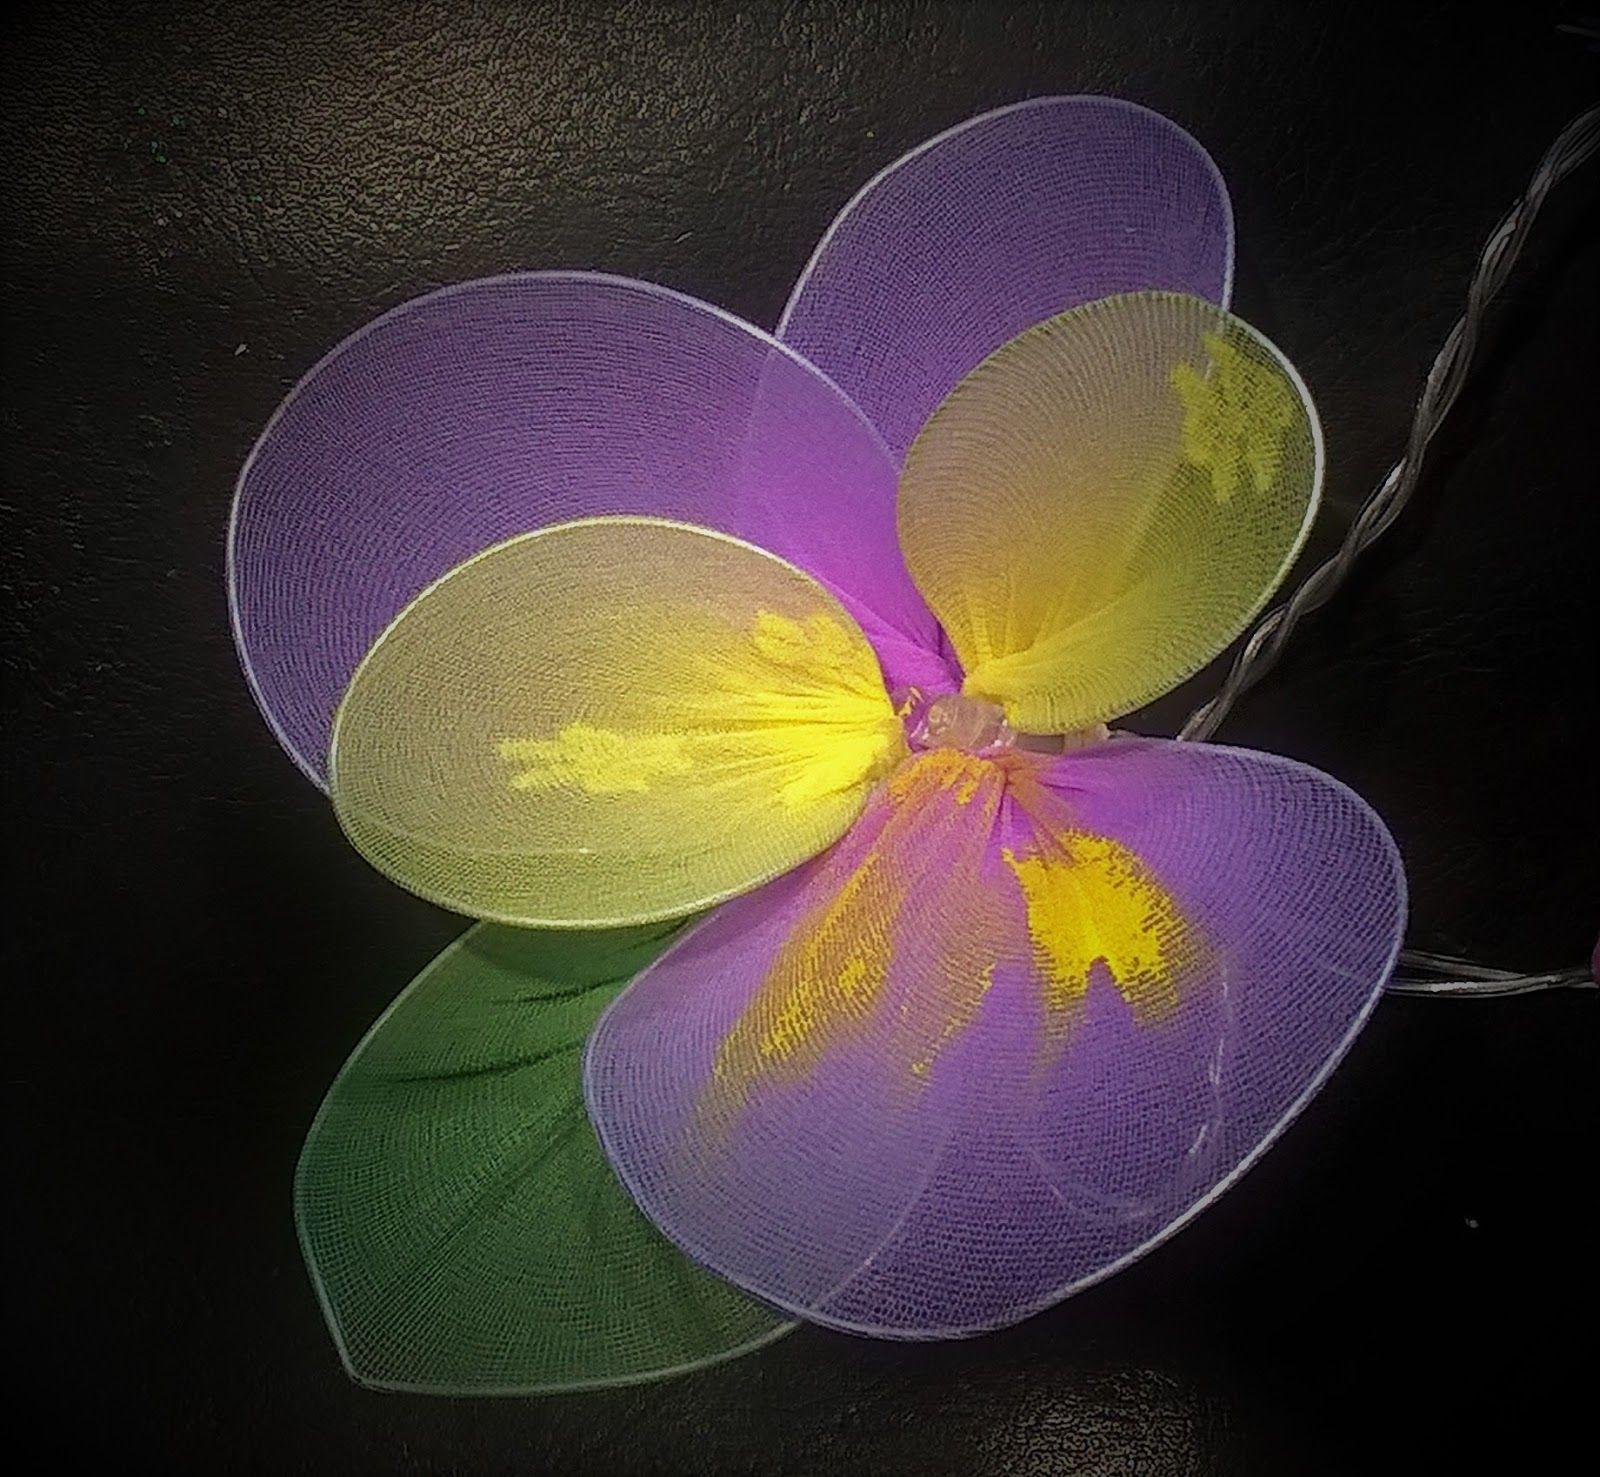 Joanna Wajdenfeld, ozdoby i dekoracje DiY, pokazuje jak krok po kroku zrobić kwiatki z rajstopek, oraz jak zrobić z nich piękne lampiony, kwiatki, wiosna, lampiony, lampki, na Dzień Kobiet, Dzień Matki, prezent dla mamy,